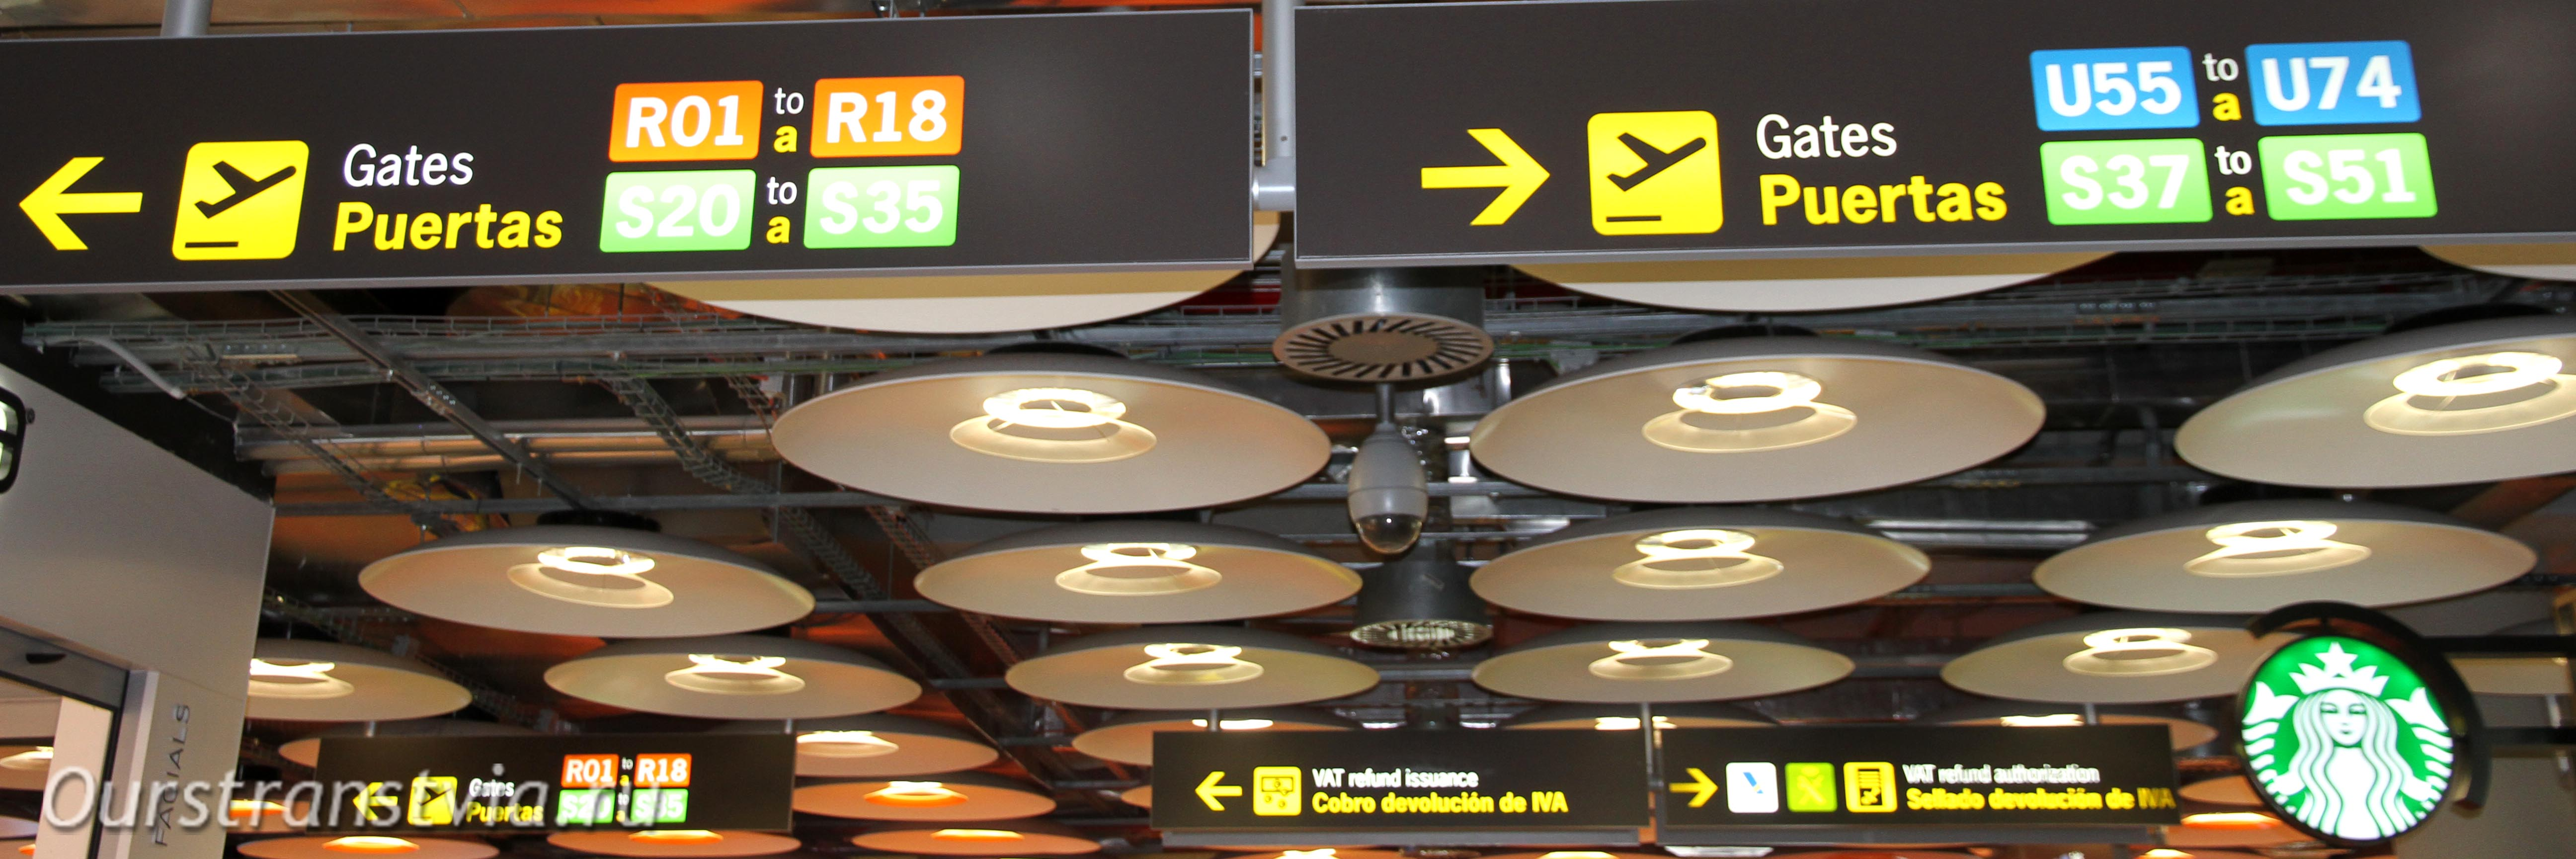 Пересадка между терминалами T4S и T4 в Мадриде